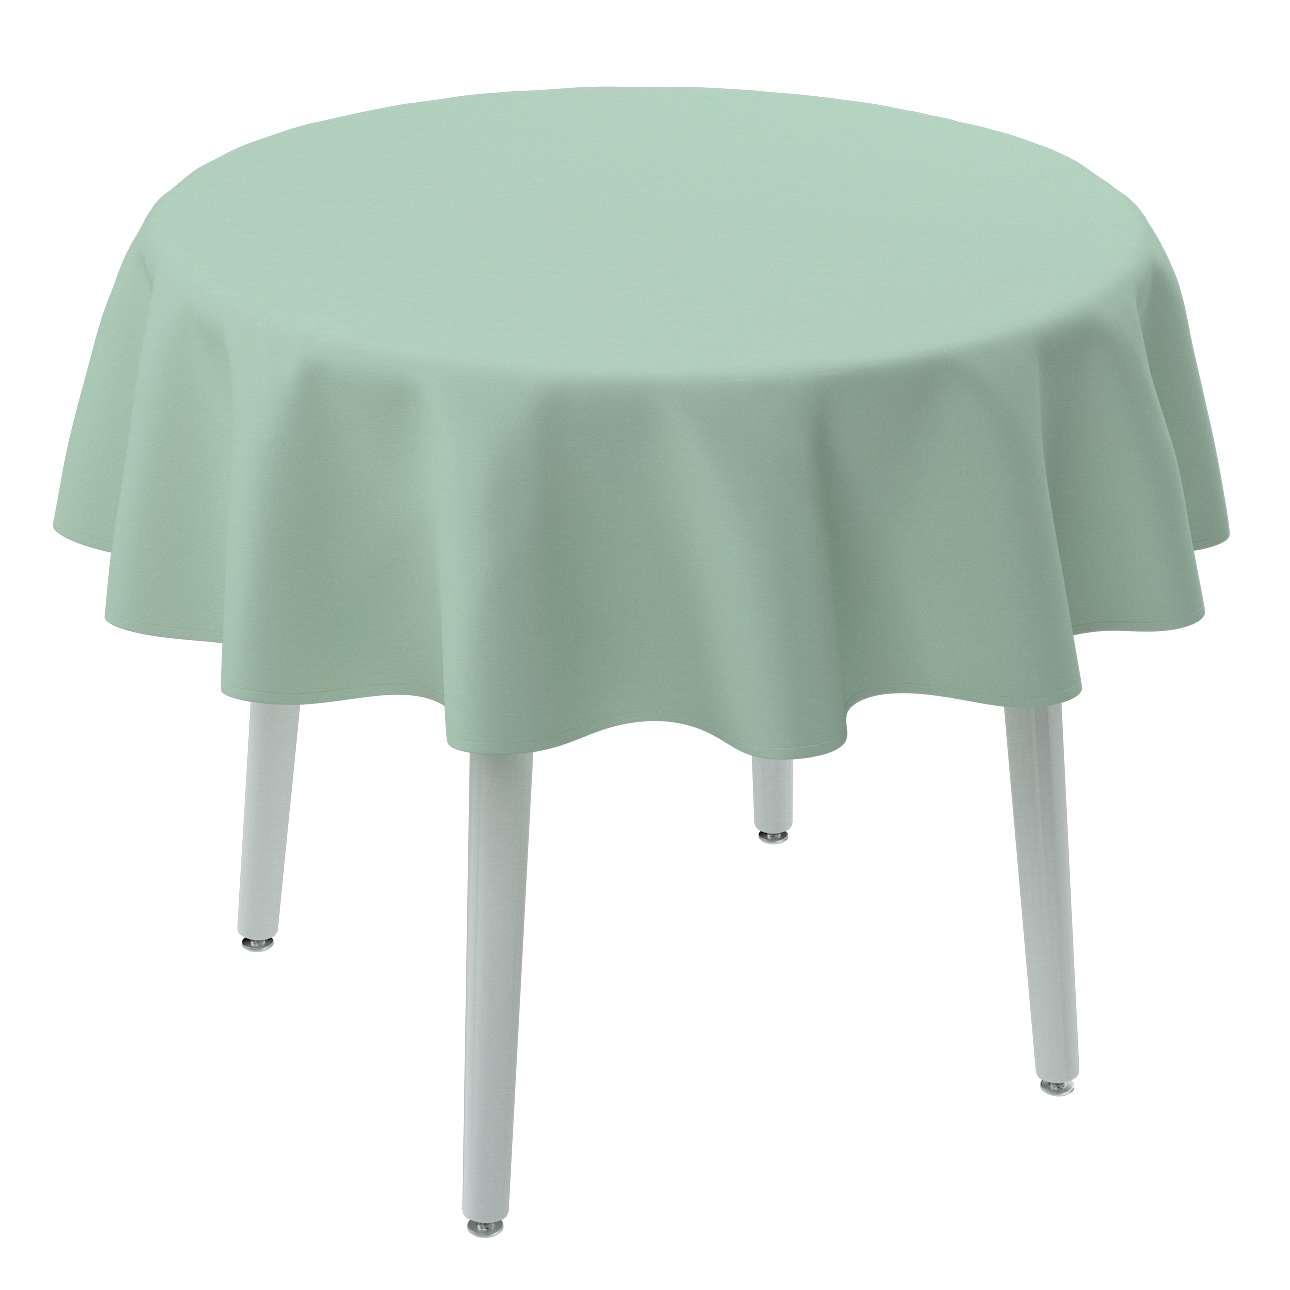 Staltiesės (apvaliam stalui) kolekcijoje Loneta, audinys: 133-61